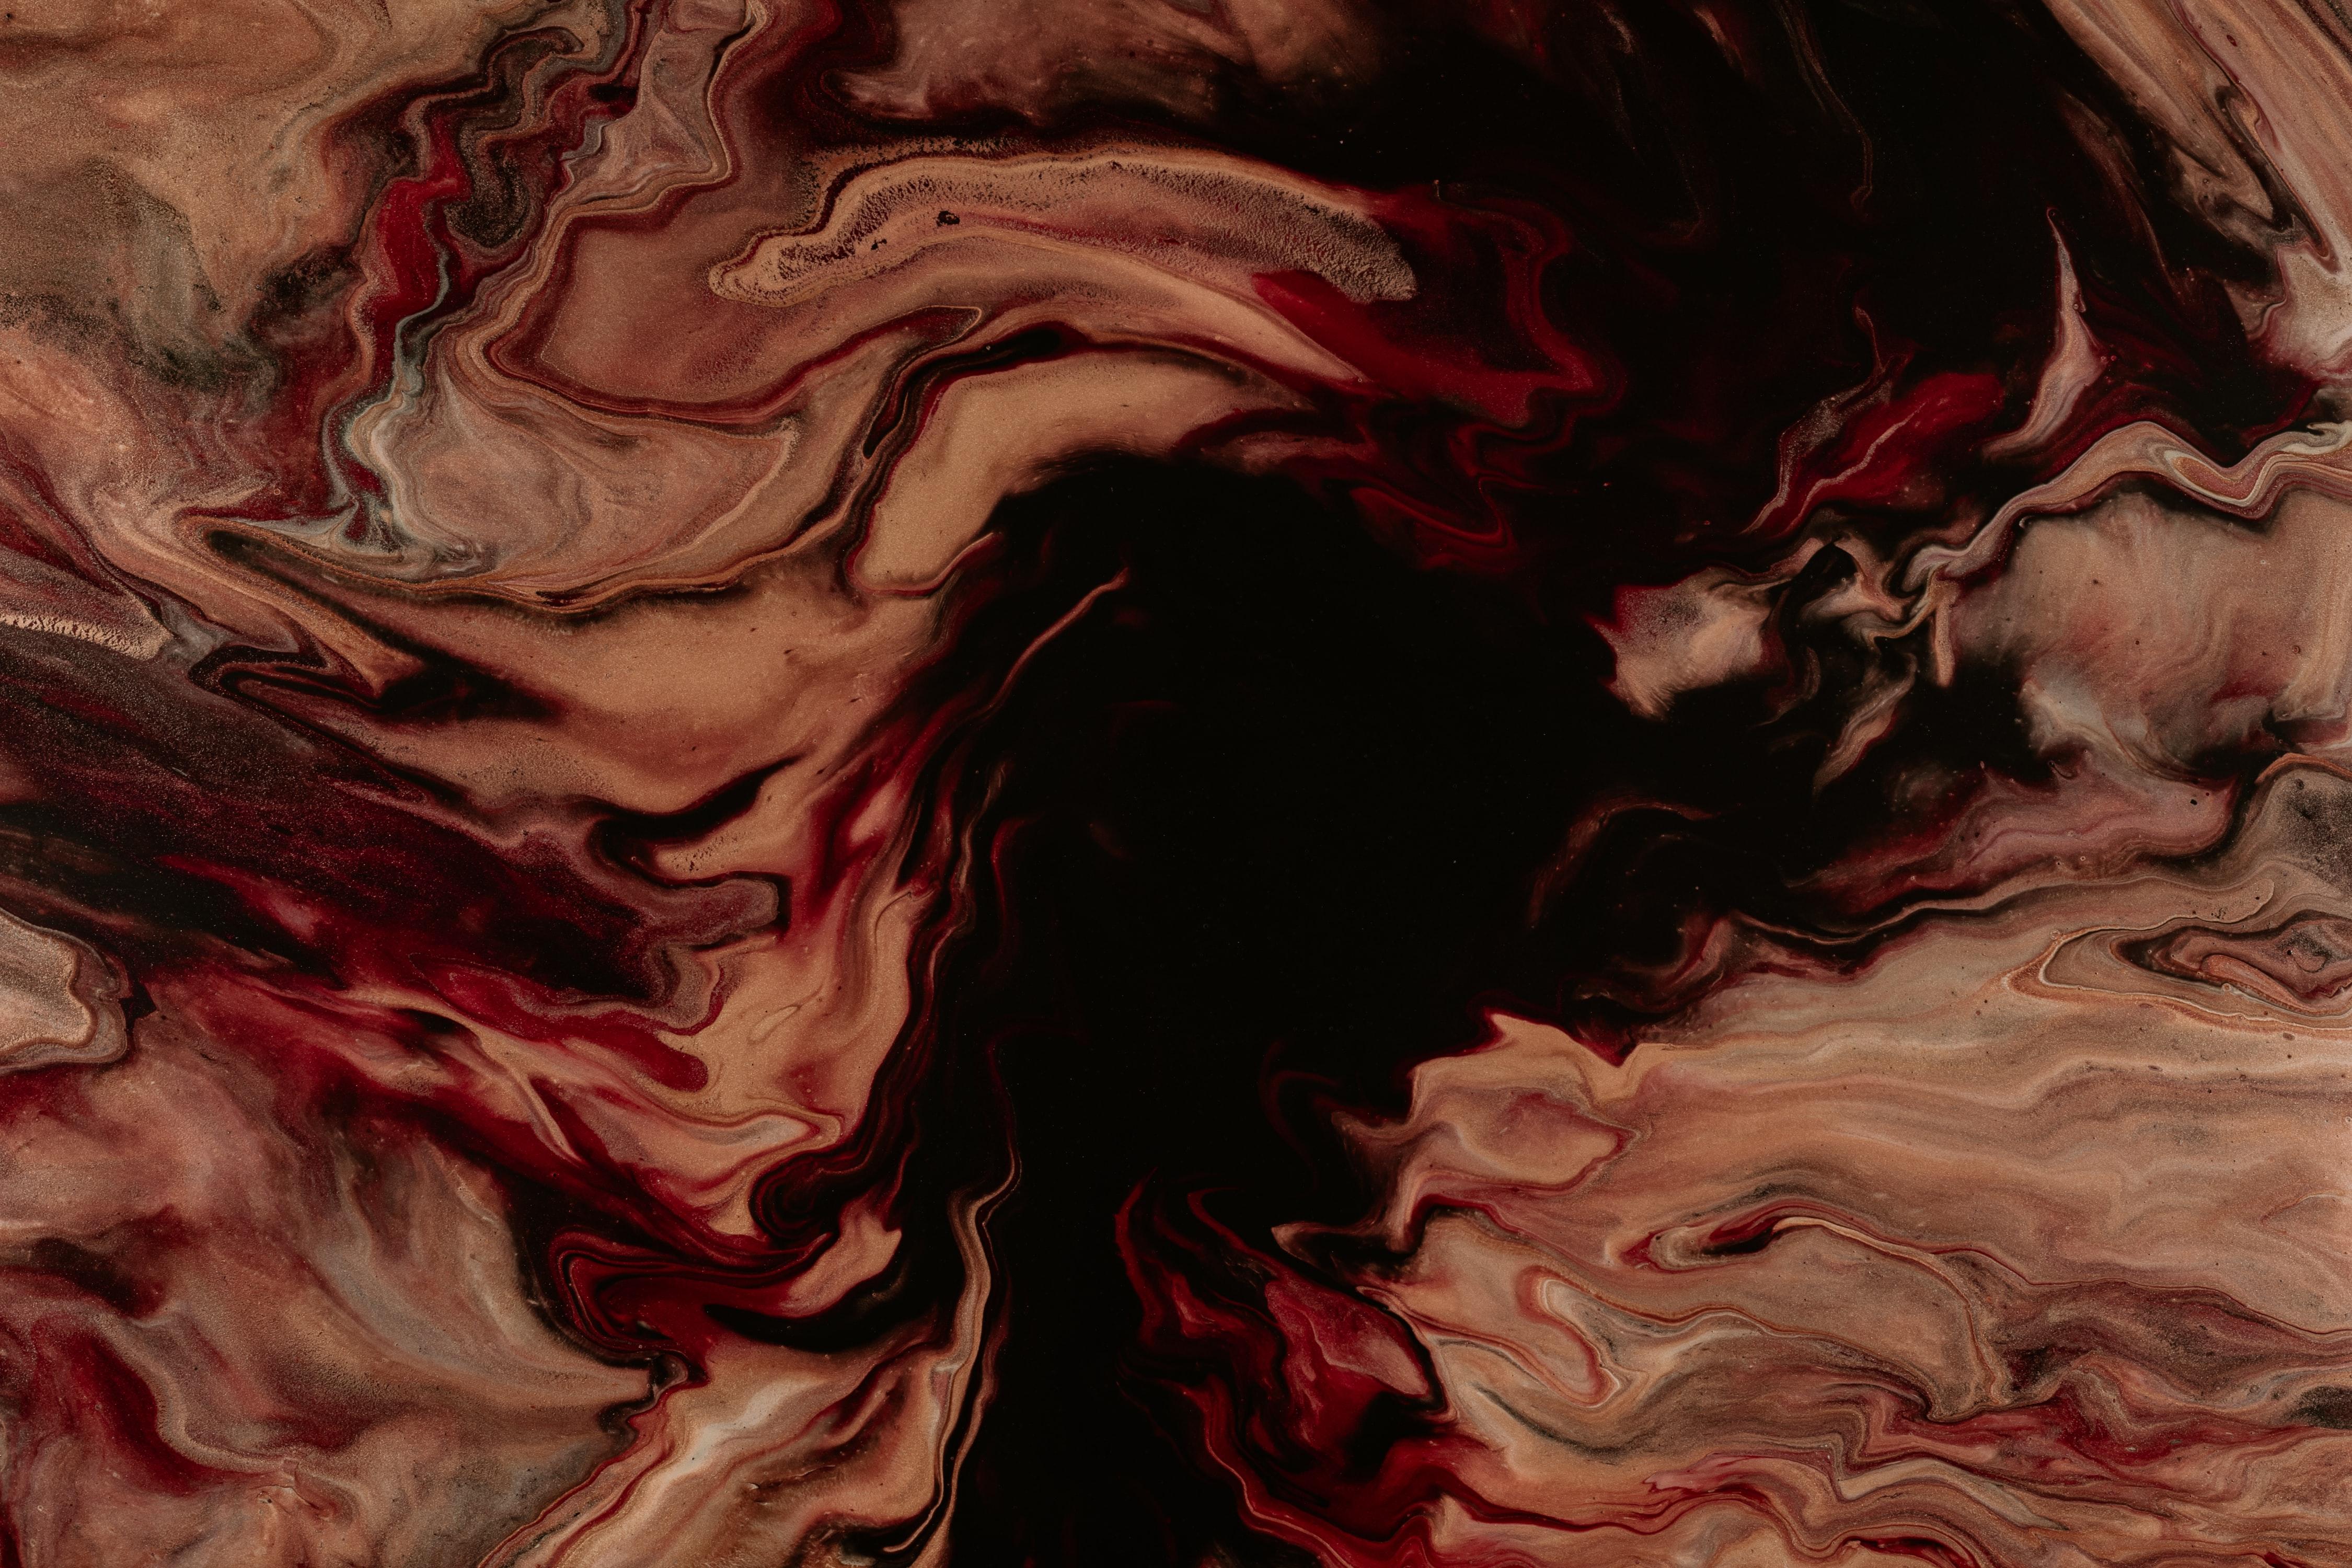 117928 免費下載壁紙 抽象, 离婚, 画, 油漆, 液体, 棕色的, 棕色, 红色的, 黑色的 屏保和圖片